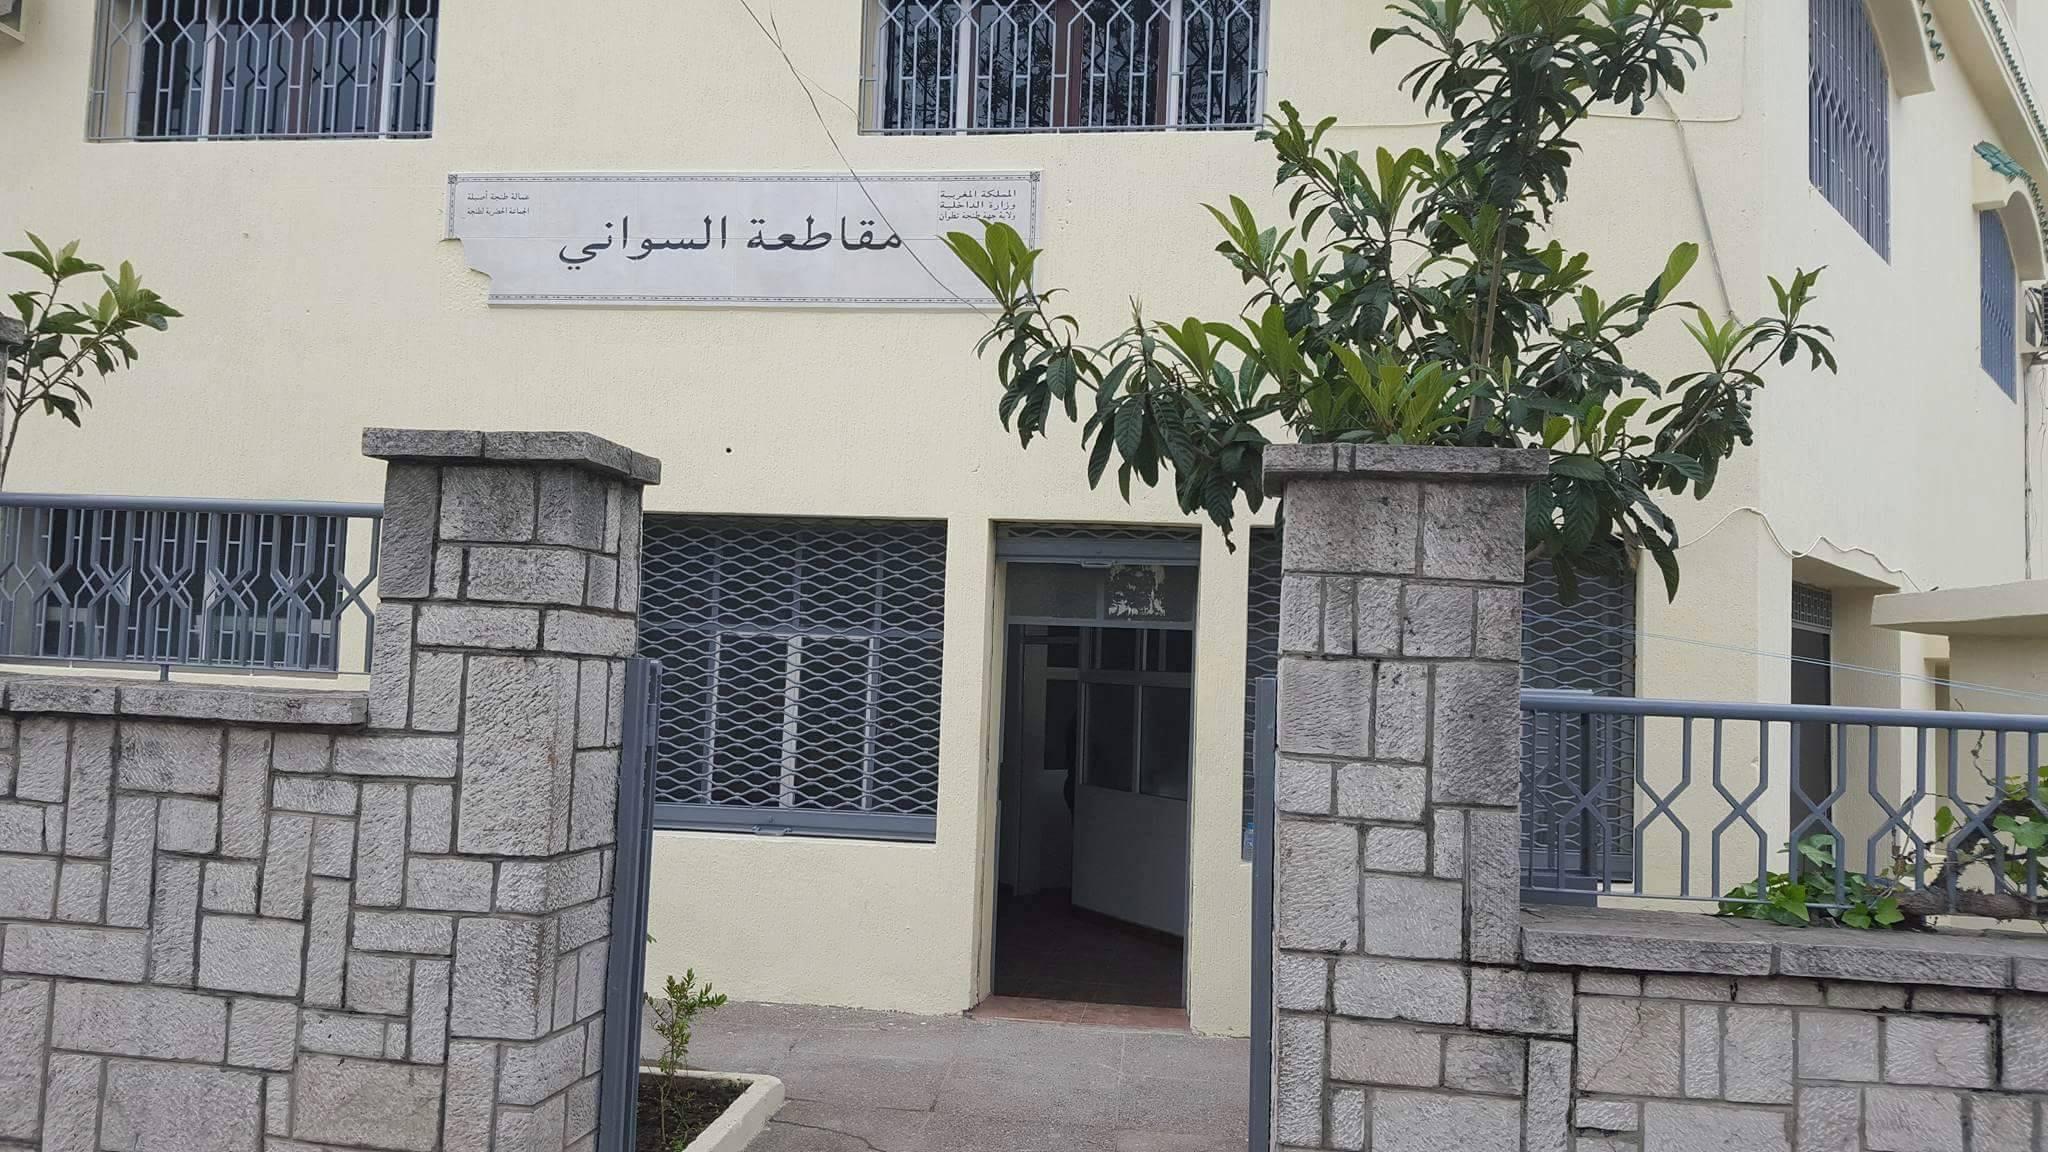 رؤساء مصالح يطلبون إعفاءهم بسبب صراعات العدالة والتنمية بمجلس السواني بطنجة